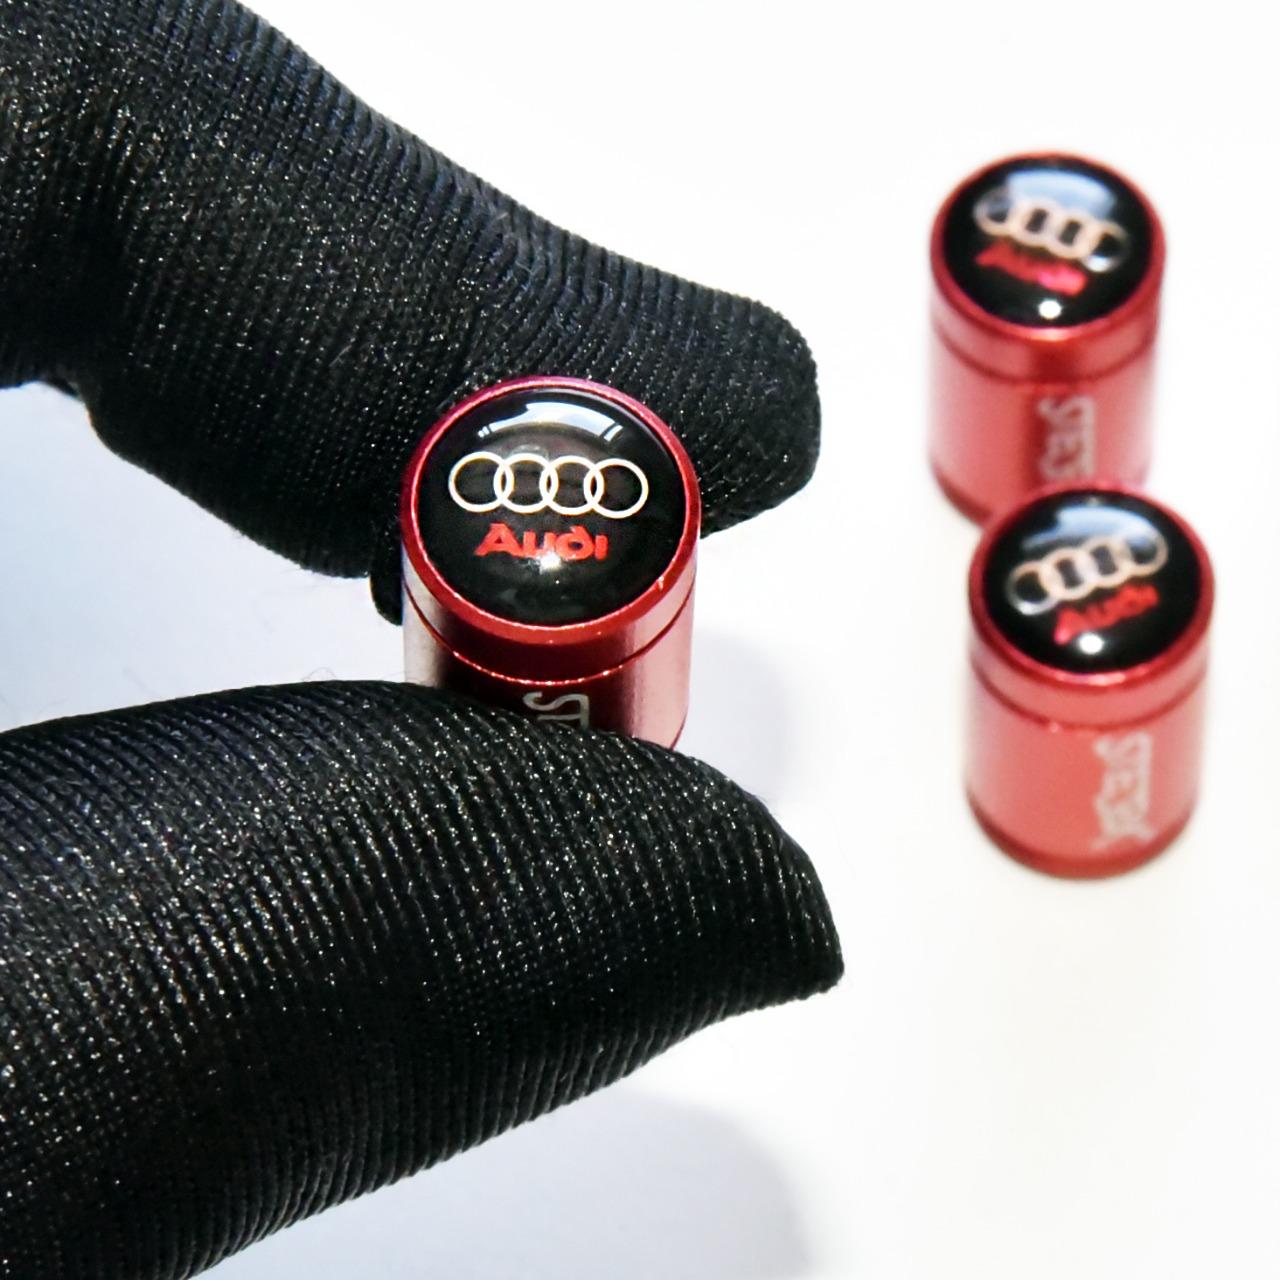 Acessório Kit Bicos Audi Válvula De Pneu Tampa Roda A1 A4 Q5 A3 A6 A8 Q3 TT